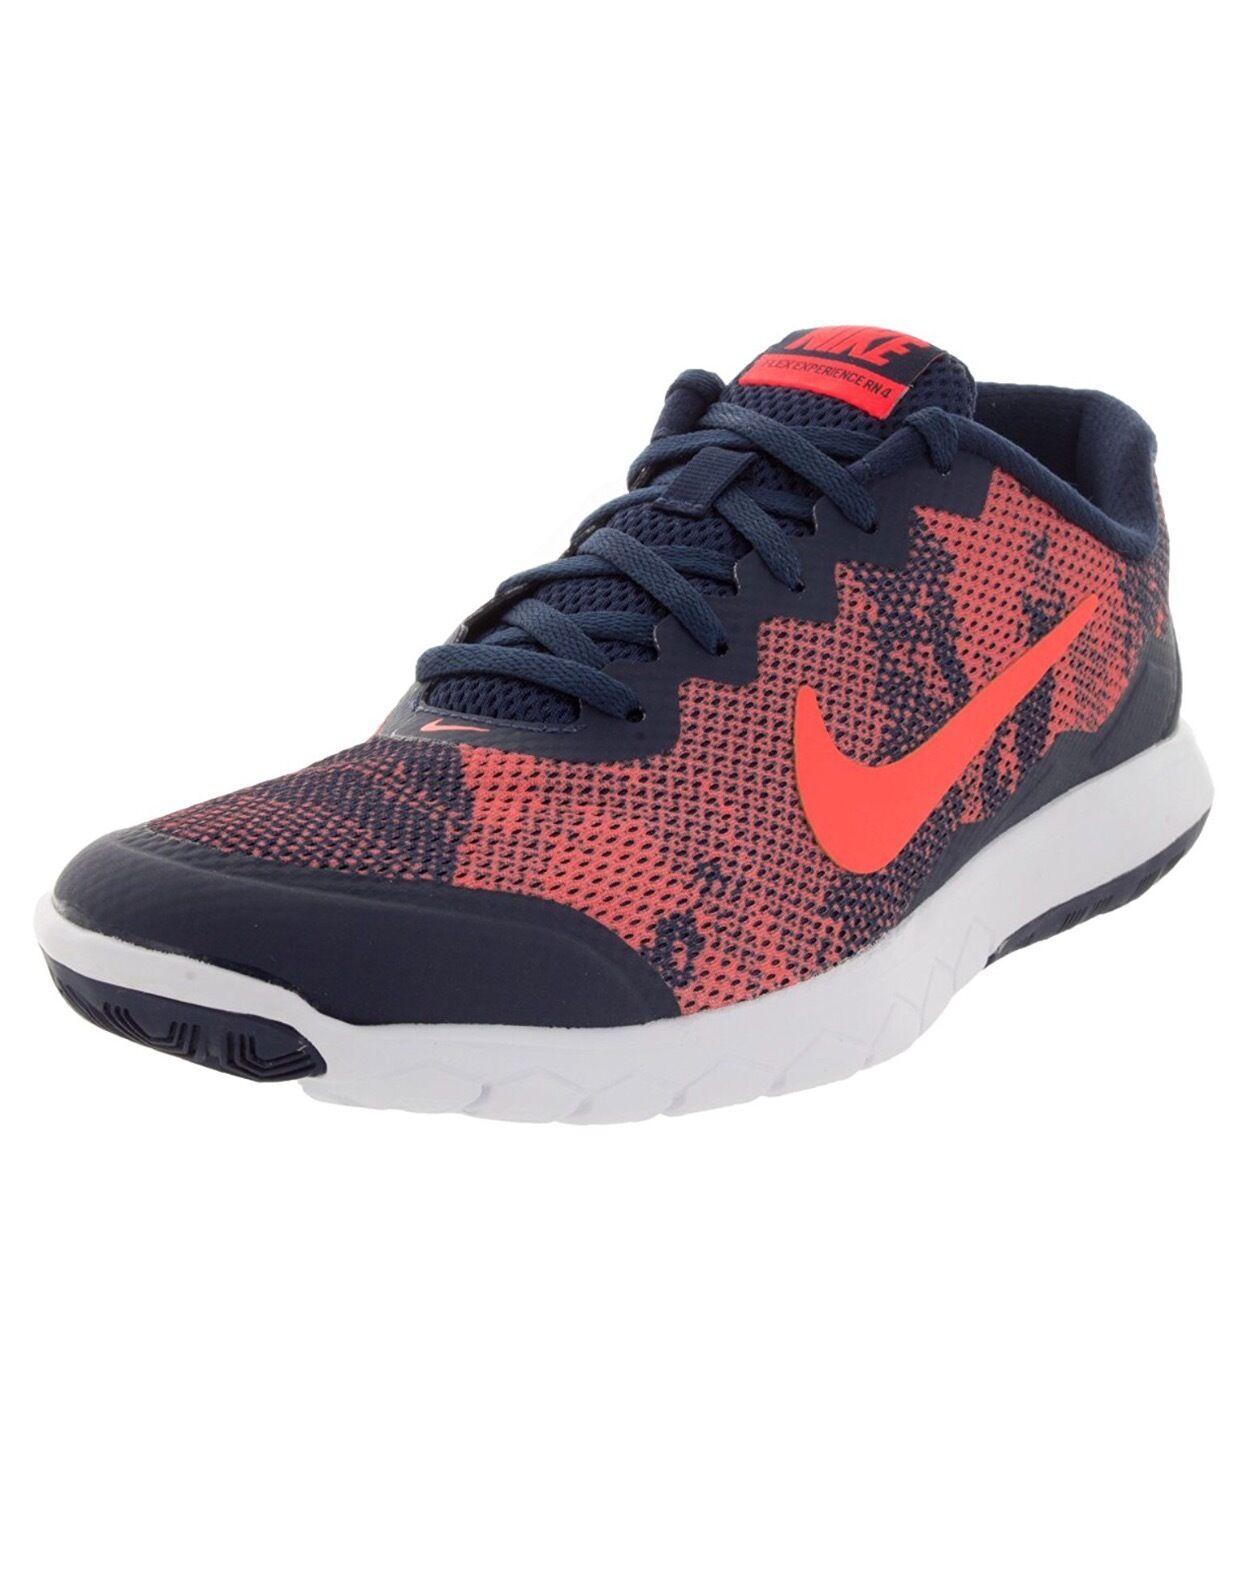 Nike Flex Experience RN 4 PREM Uomo scarpe scarpe scarpe da ginnastica e9d4ed